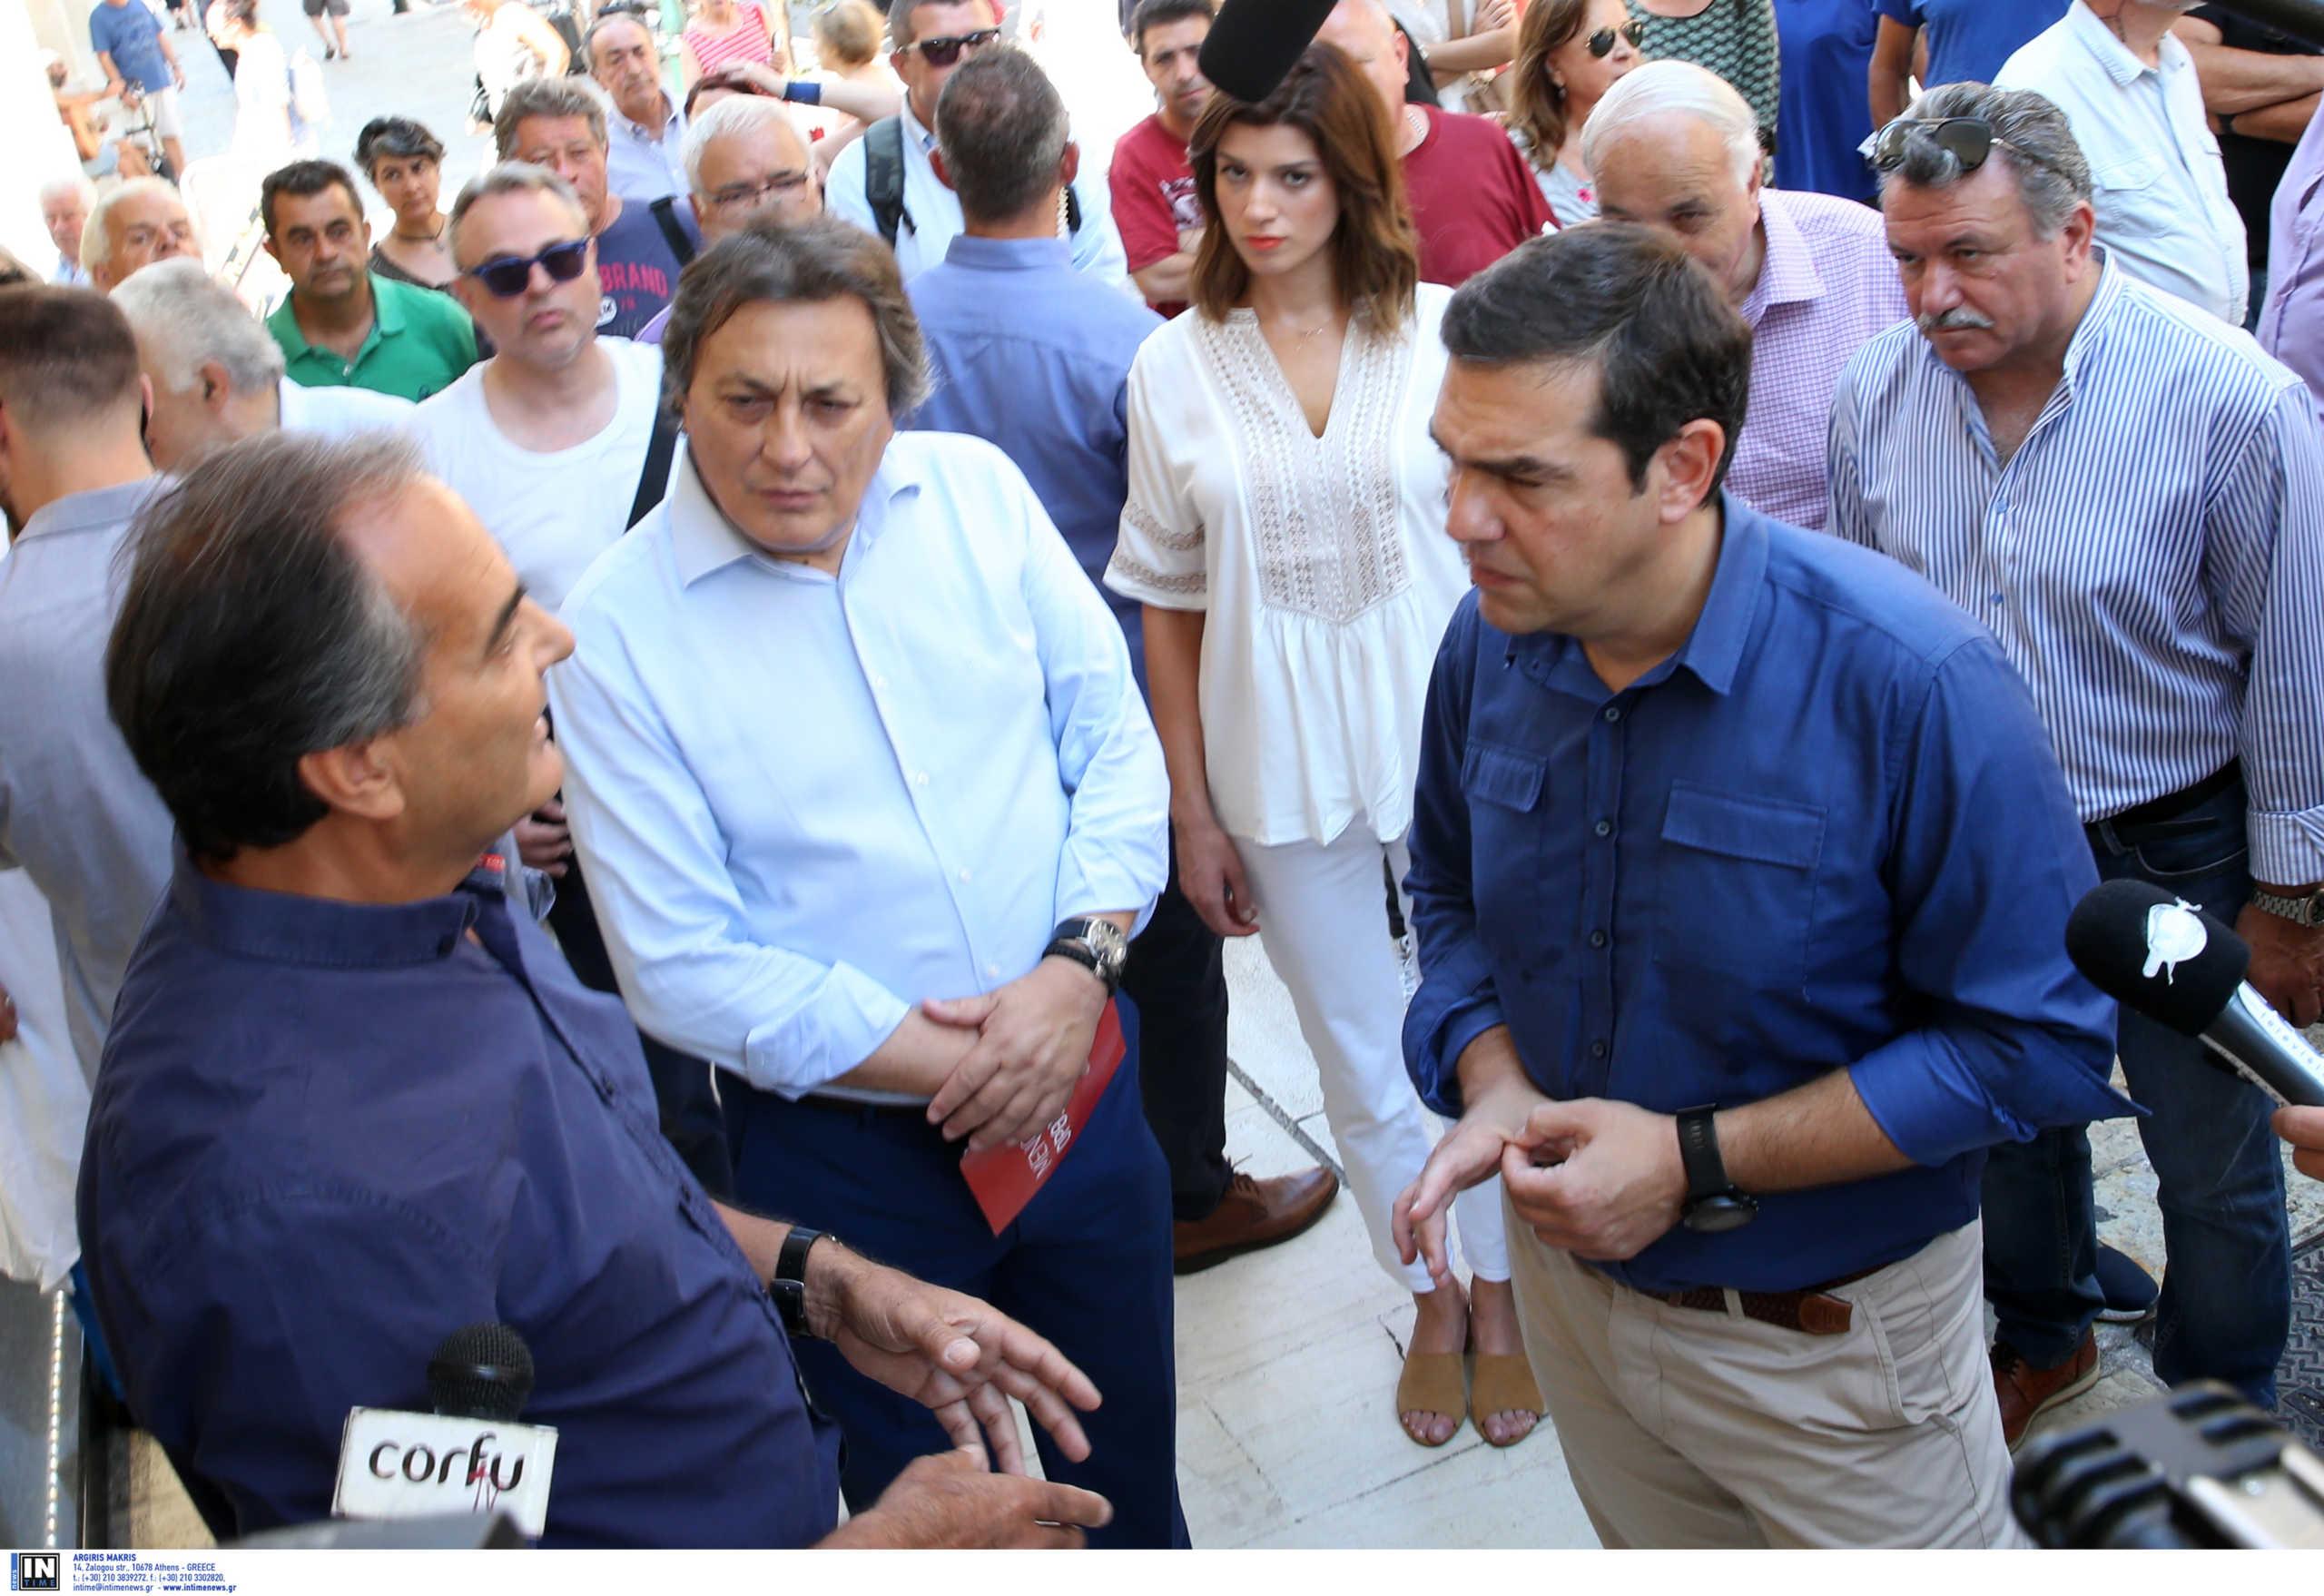 Κέρκυρα: Ο Τσίπρας έπεσε πάνω σε διαμαρτυρία ξεναγών! Η επίσκεψη και η πρώτη βόλτα στο νησί (Φωτό)